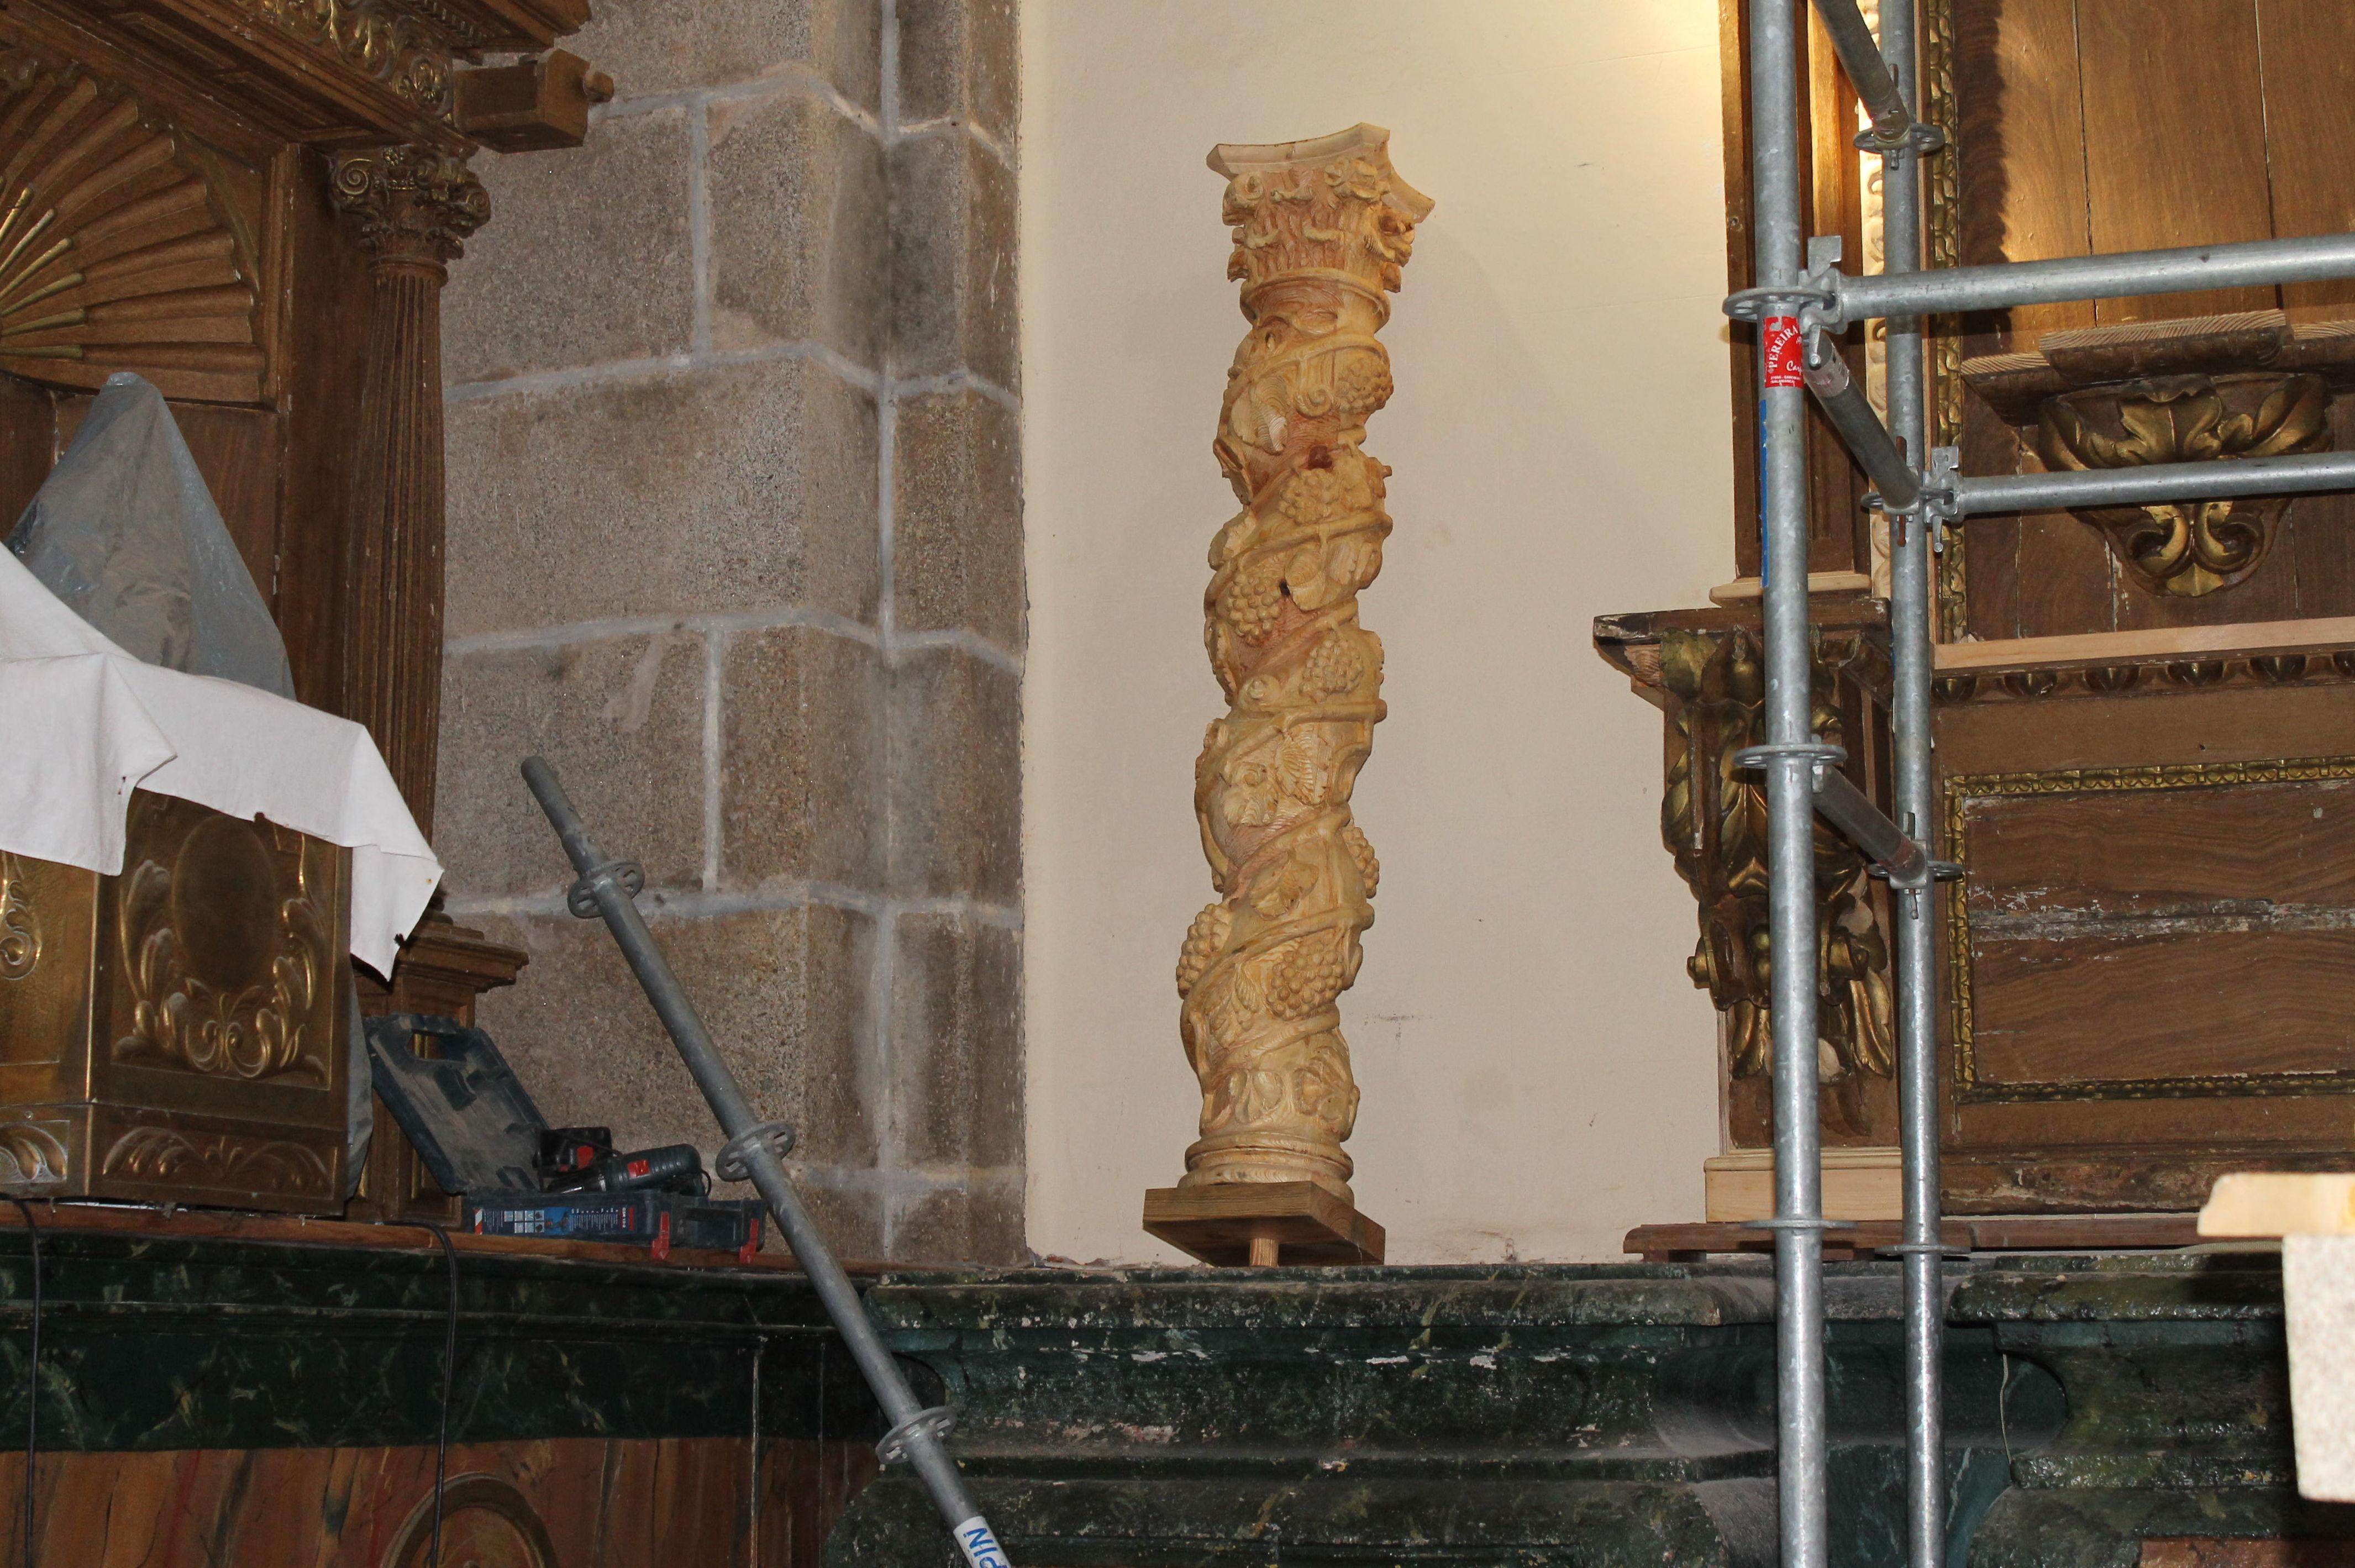 Restauración de retablo de iglesia en Salamanca